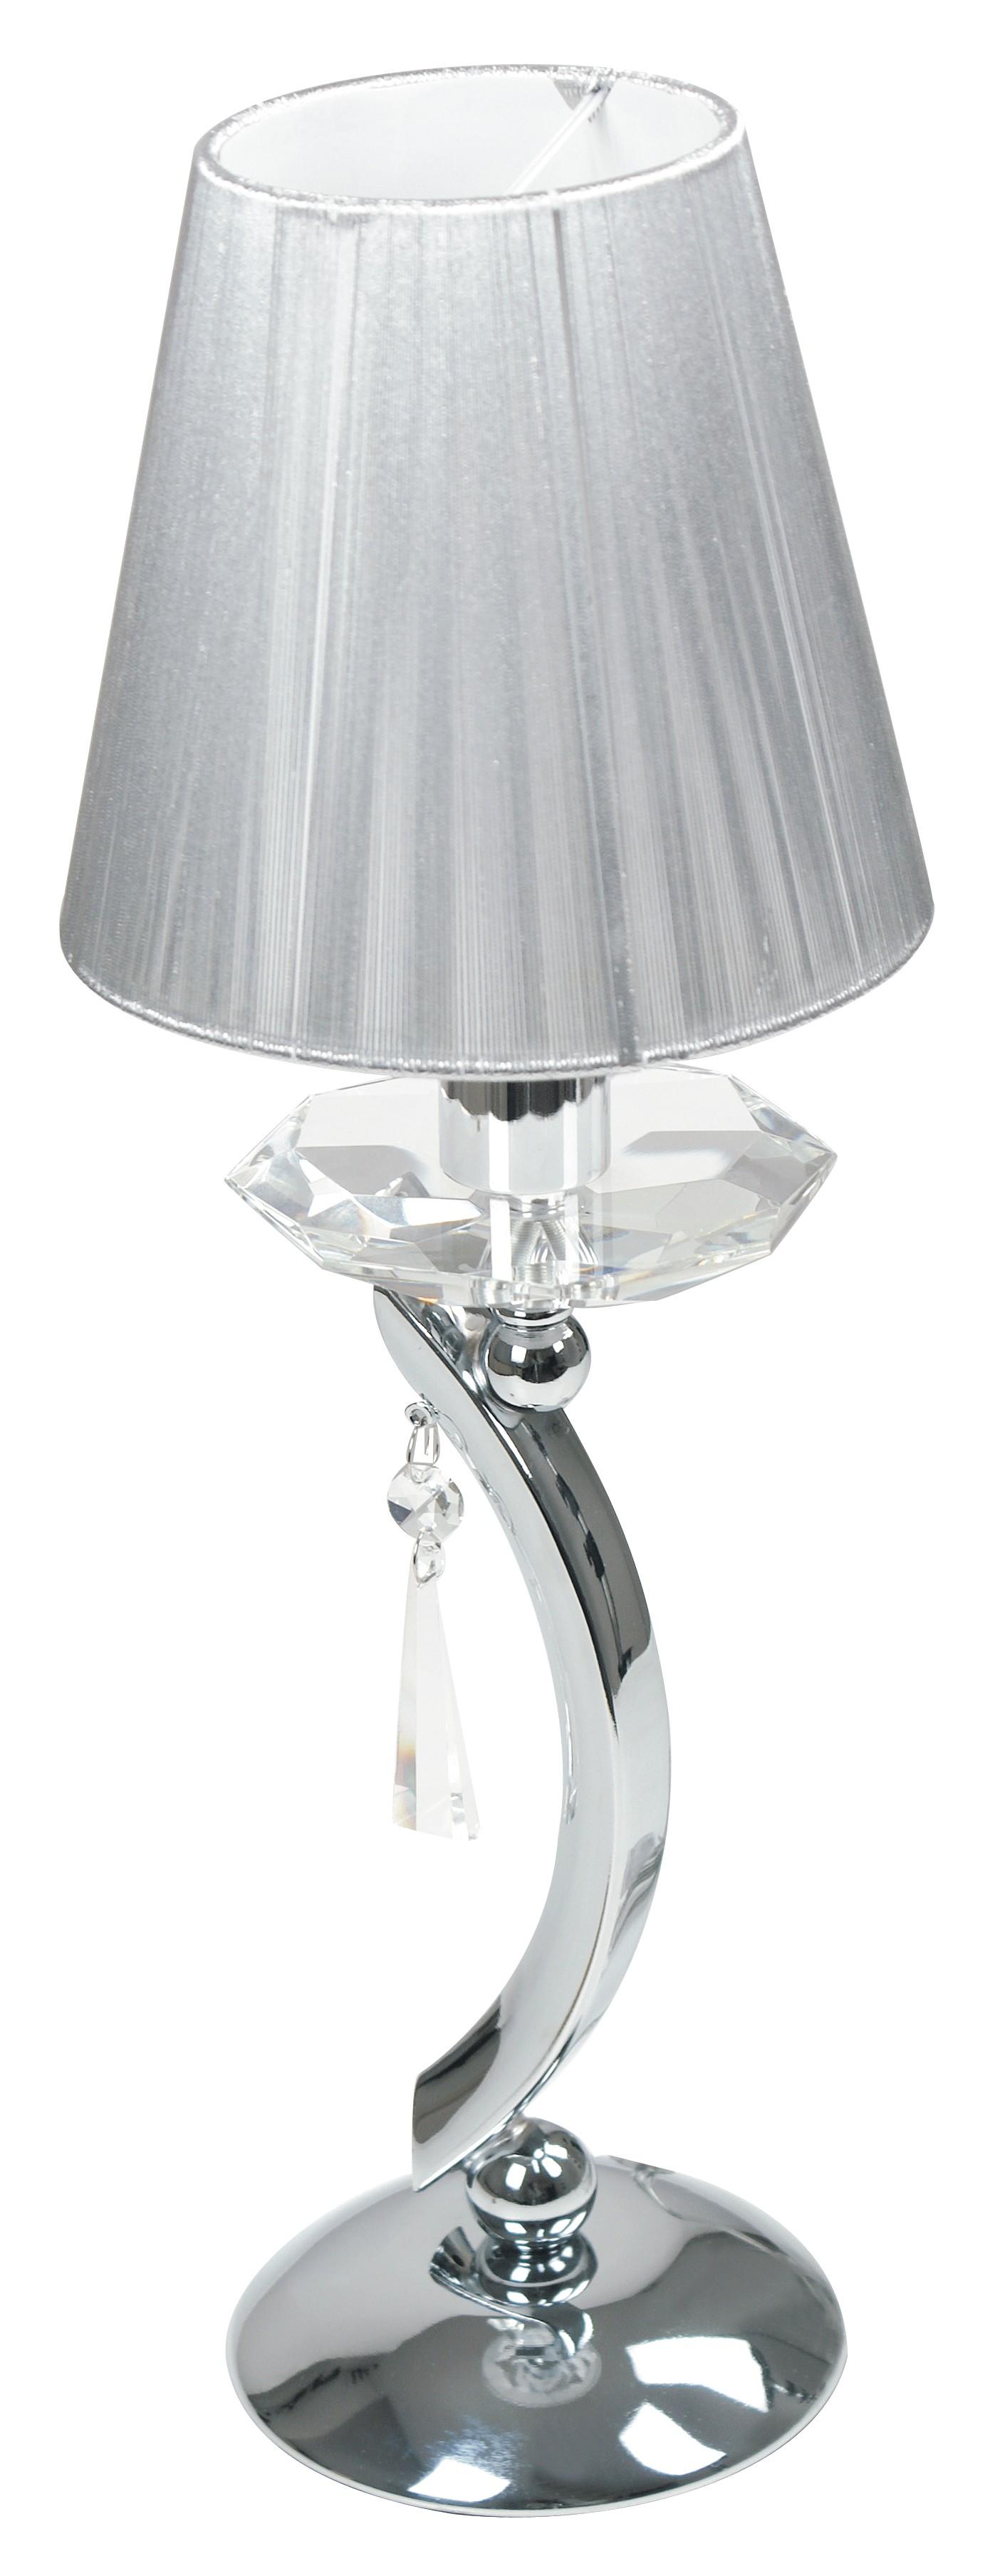 Lampade da tavolo CLASSICHE - MondialShop